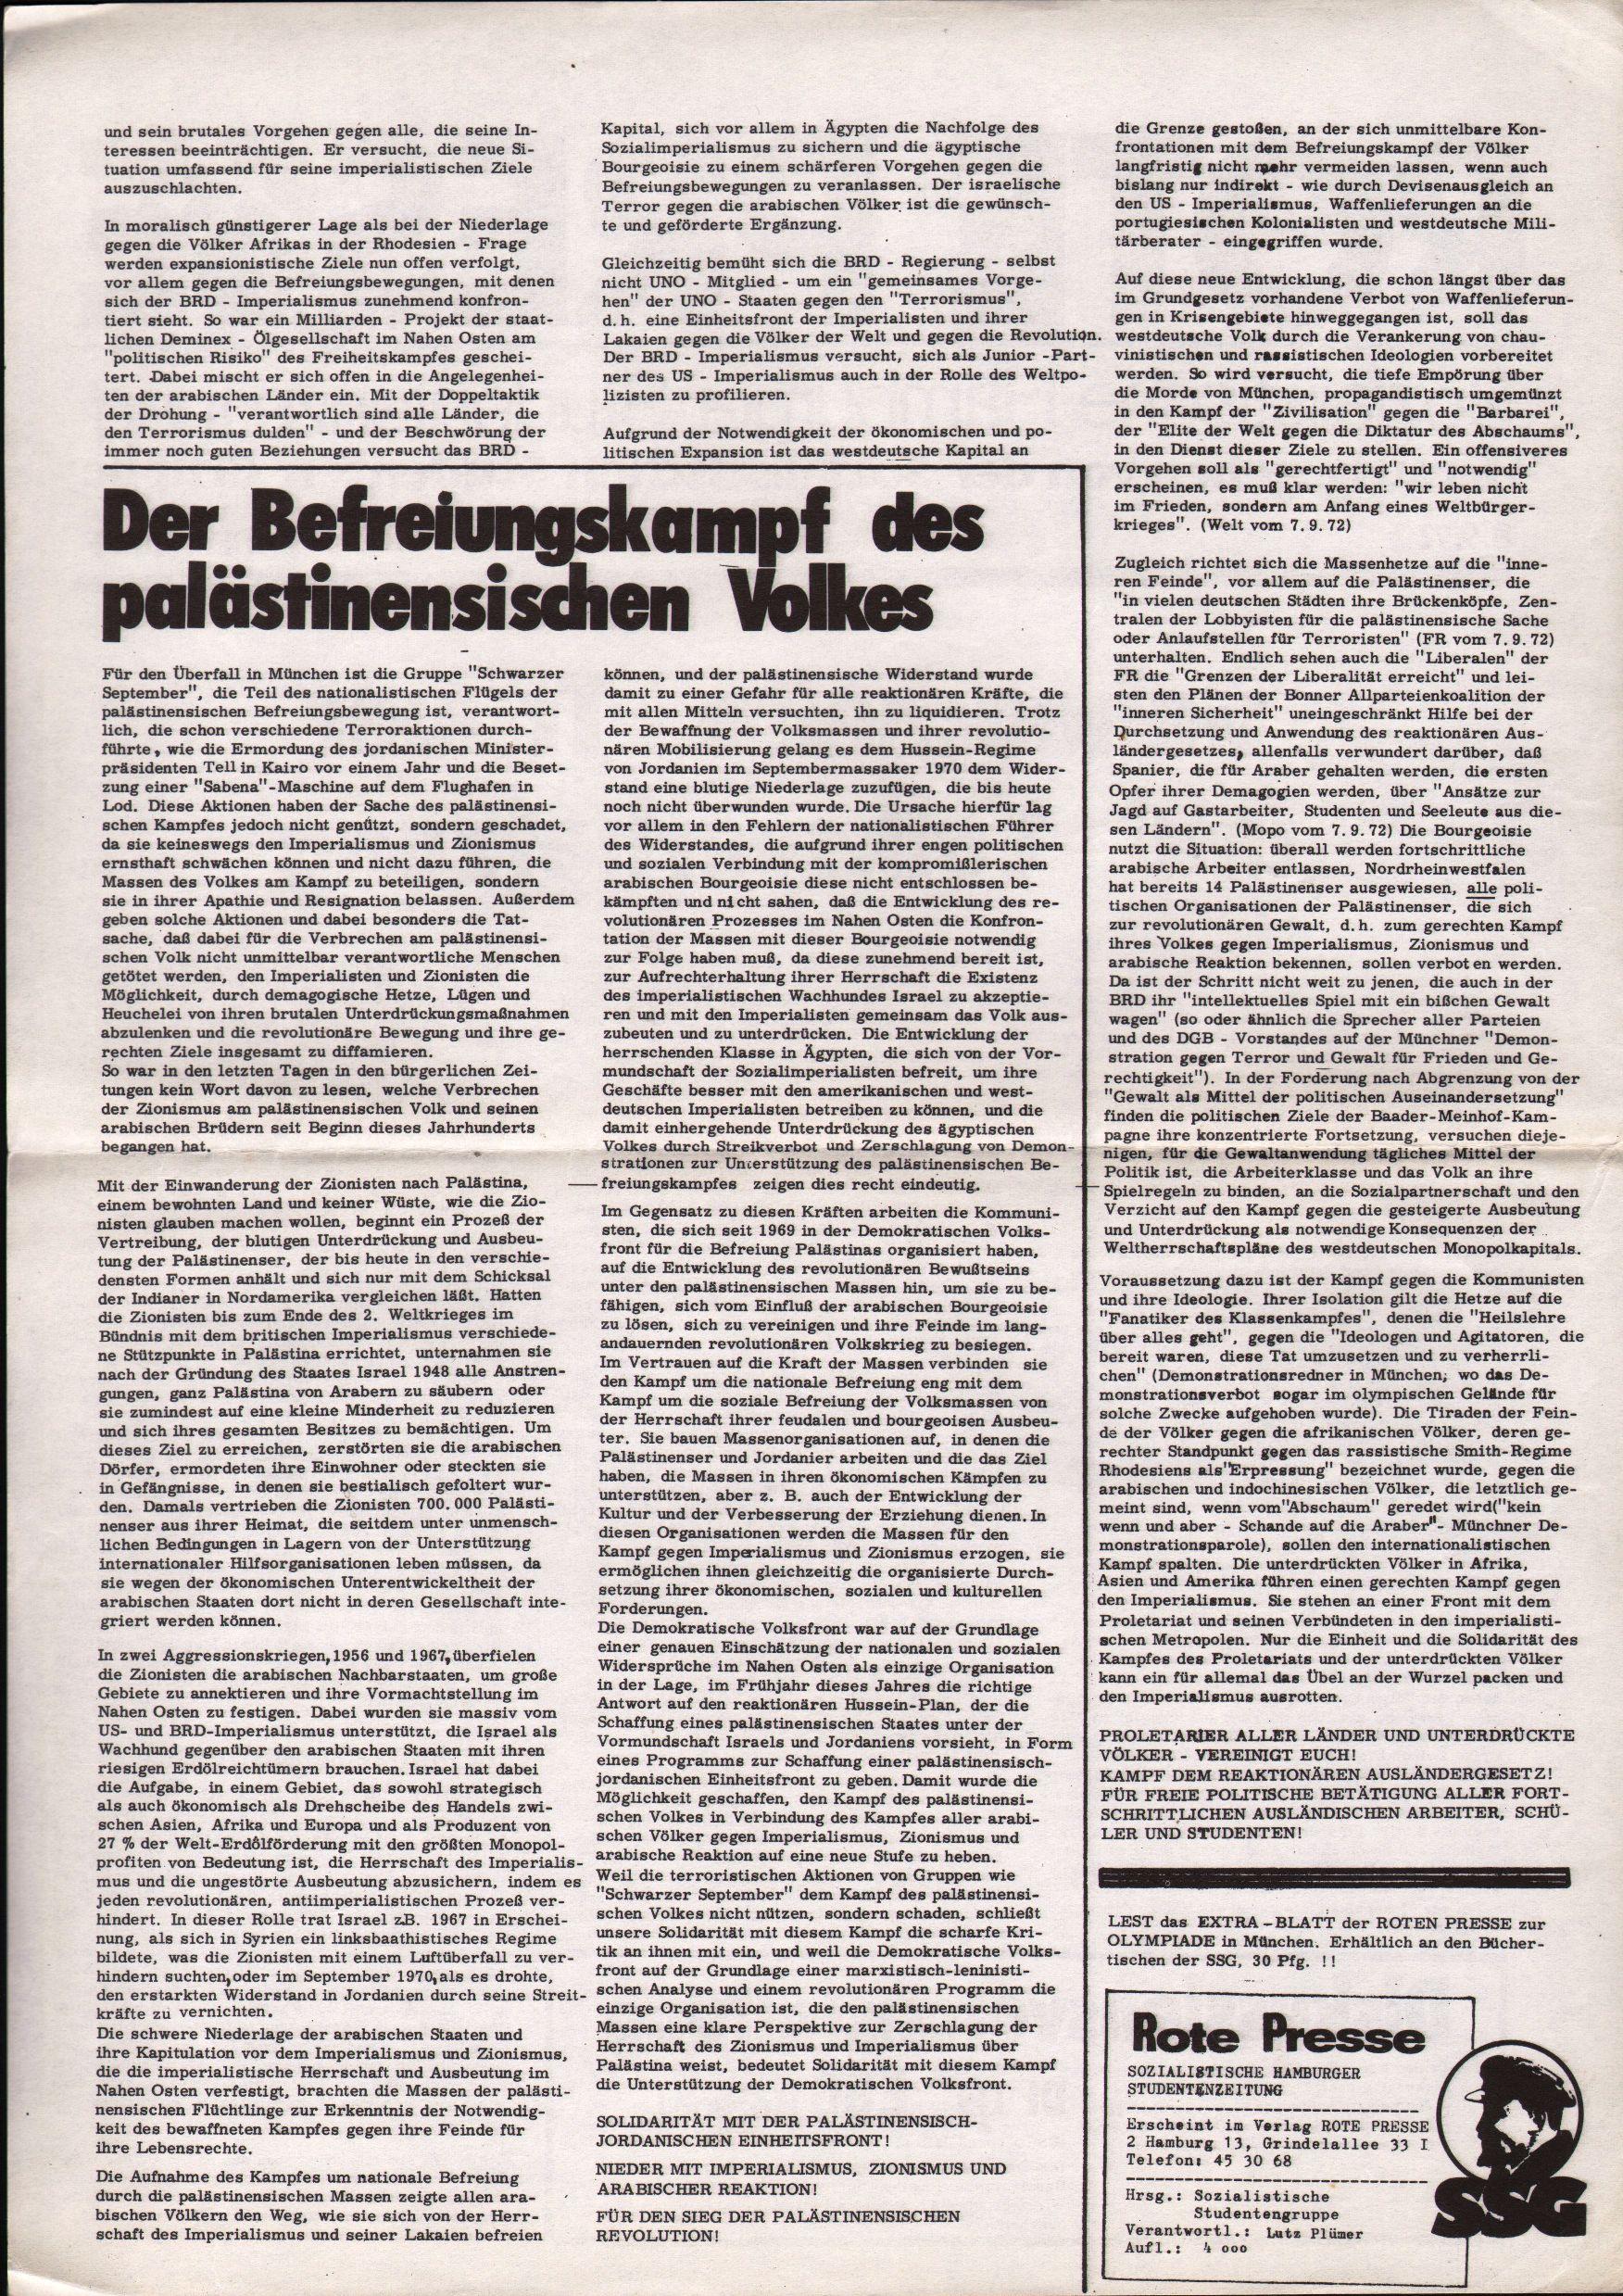 Hamburg_Rote_Presse346